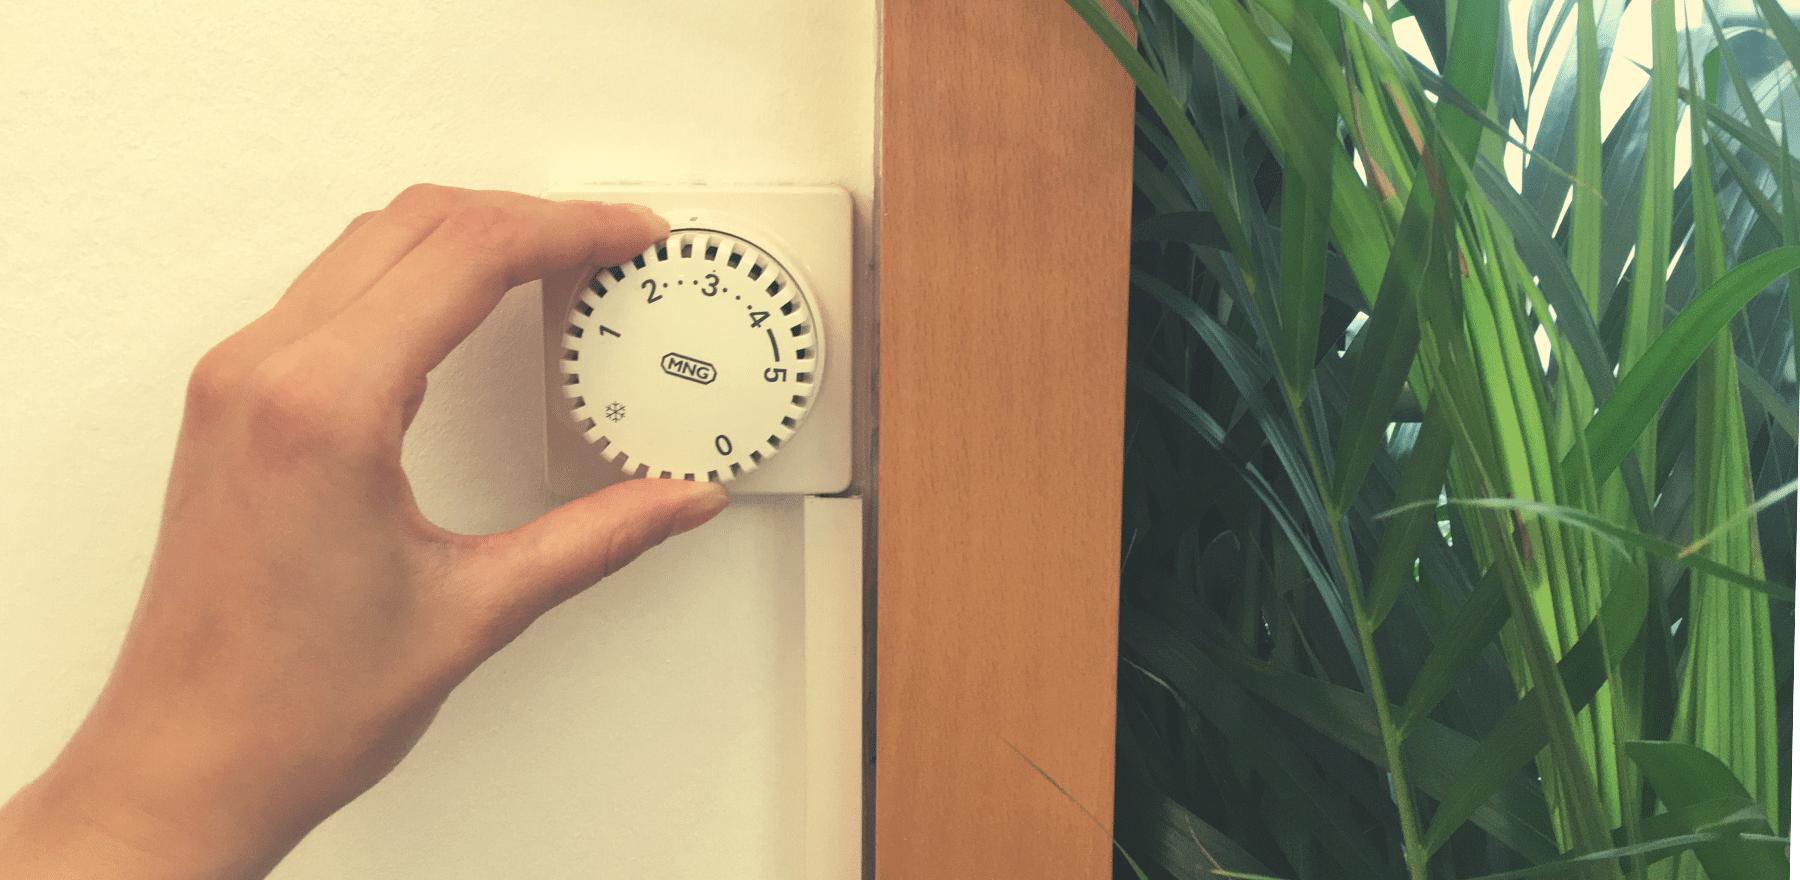 Eine typischer Thermostat